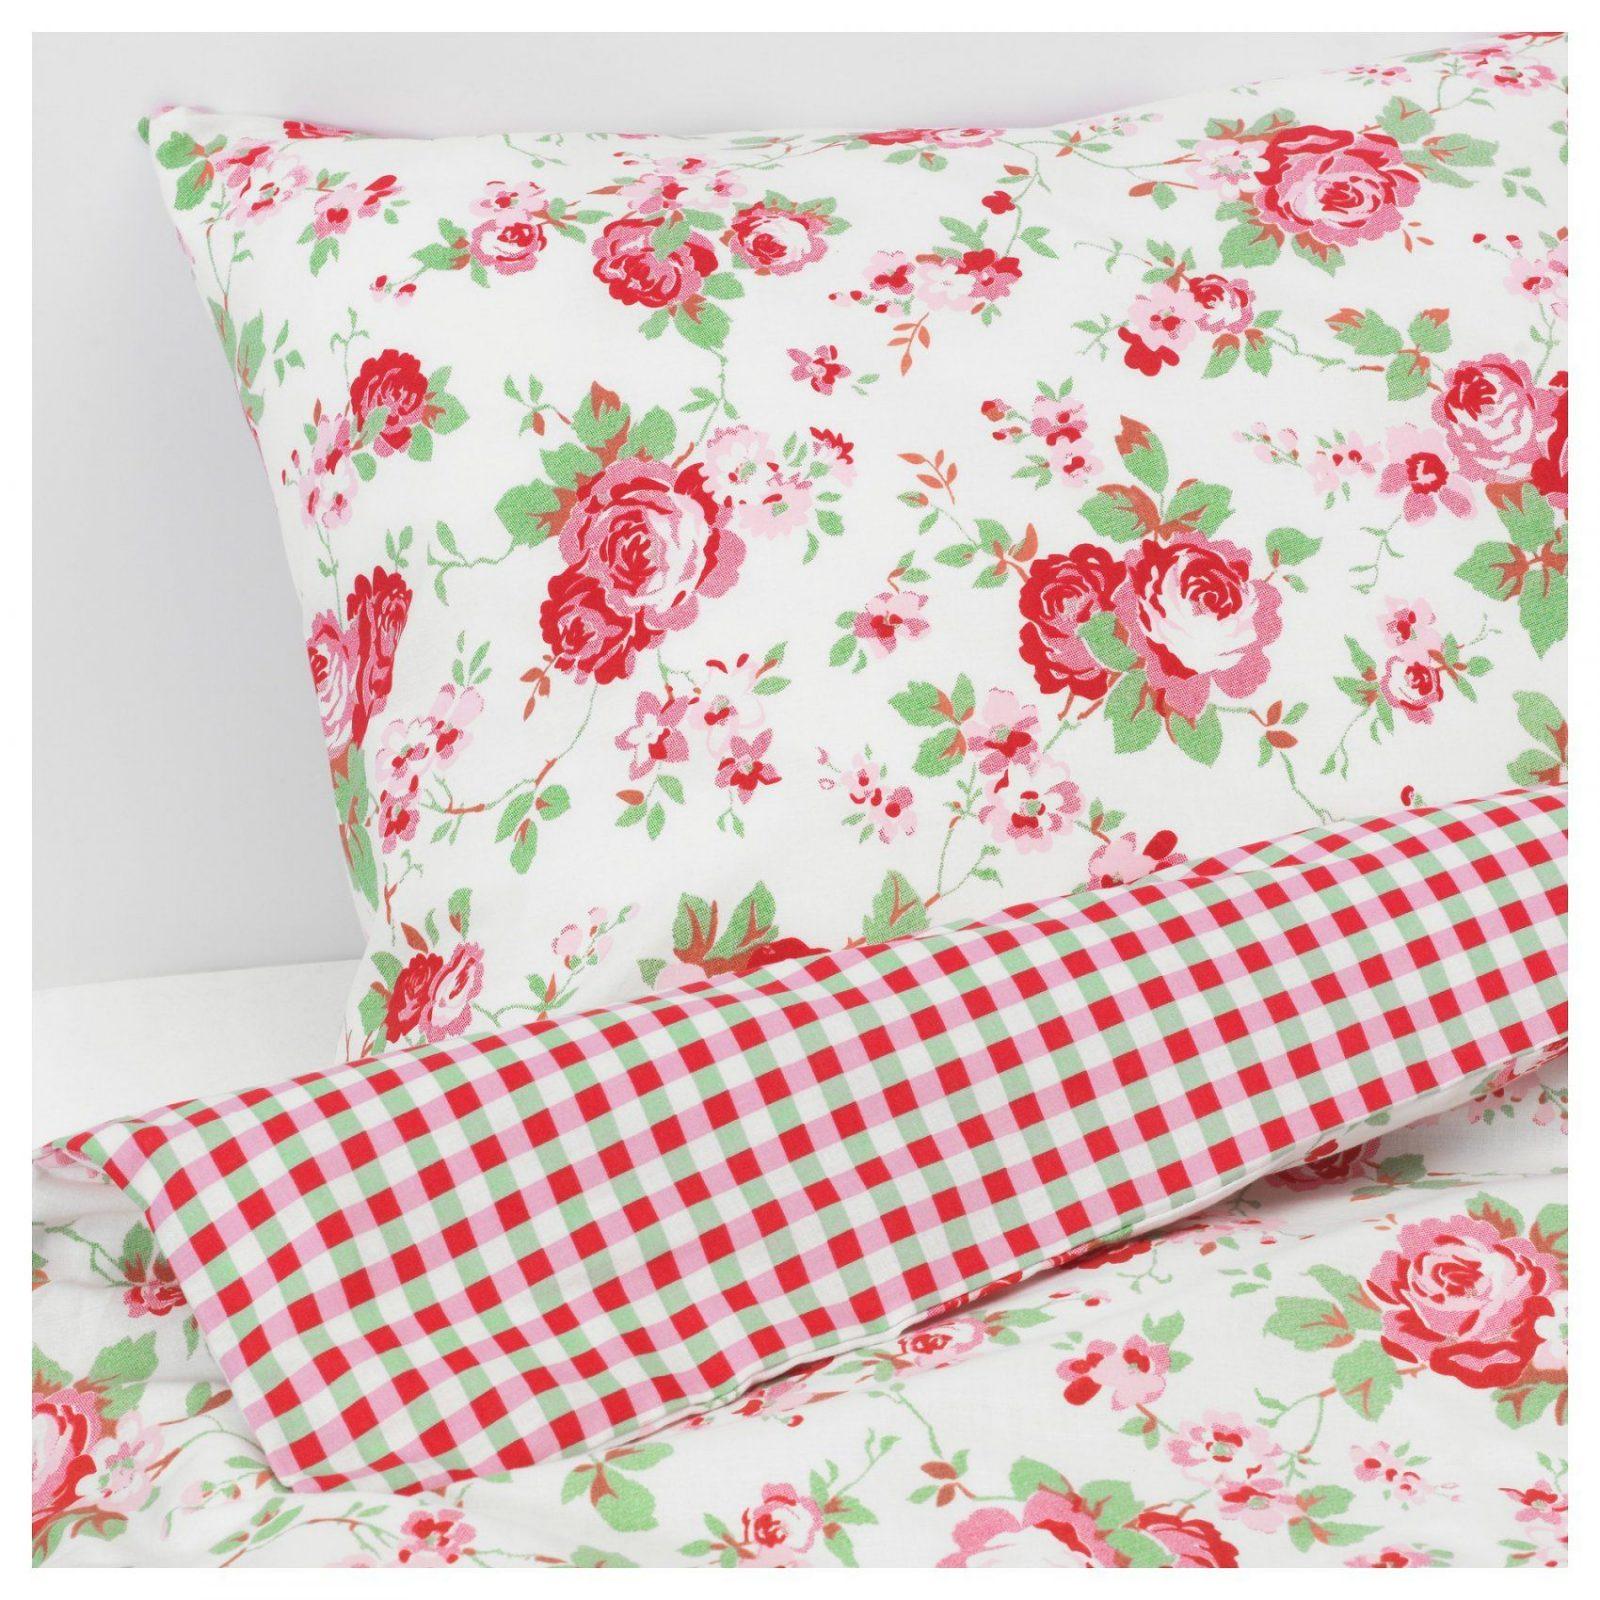 rosali bettw scheset 2teilig 140x20080x80 cm ikea von ikea bettw sche biber photo haus design. Black Bedroom Furniture Sets. Home Design Ideas